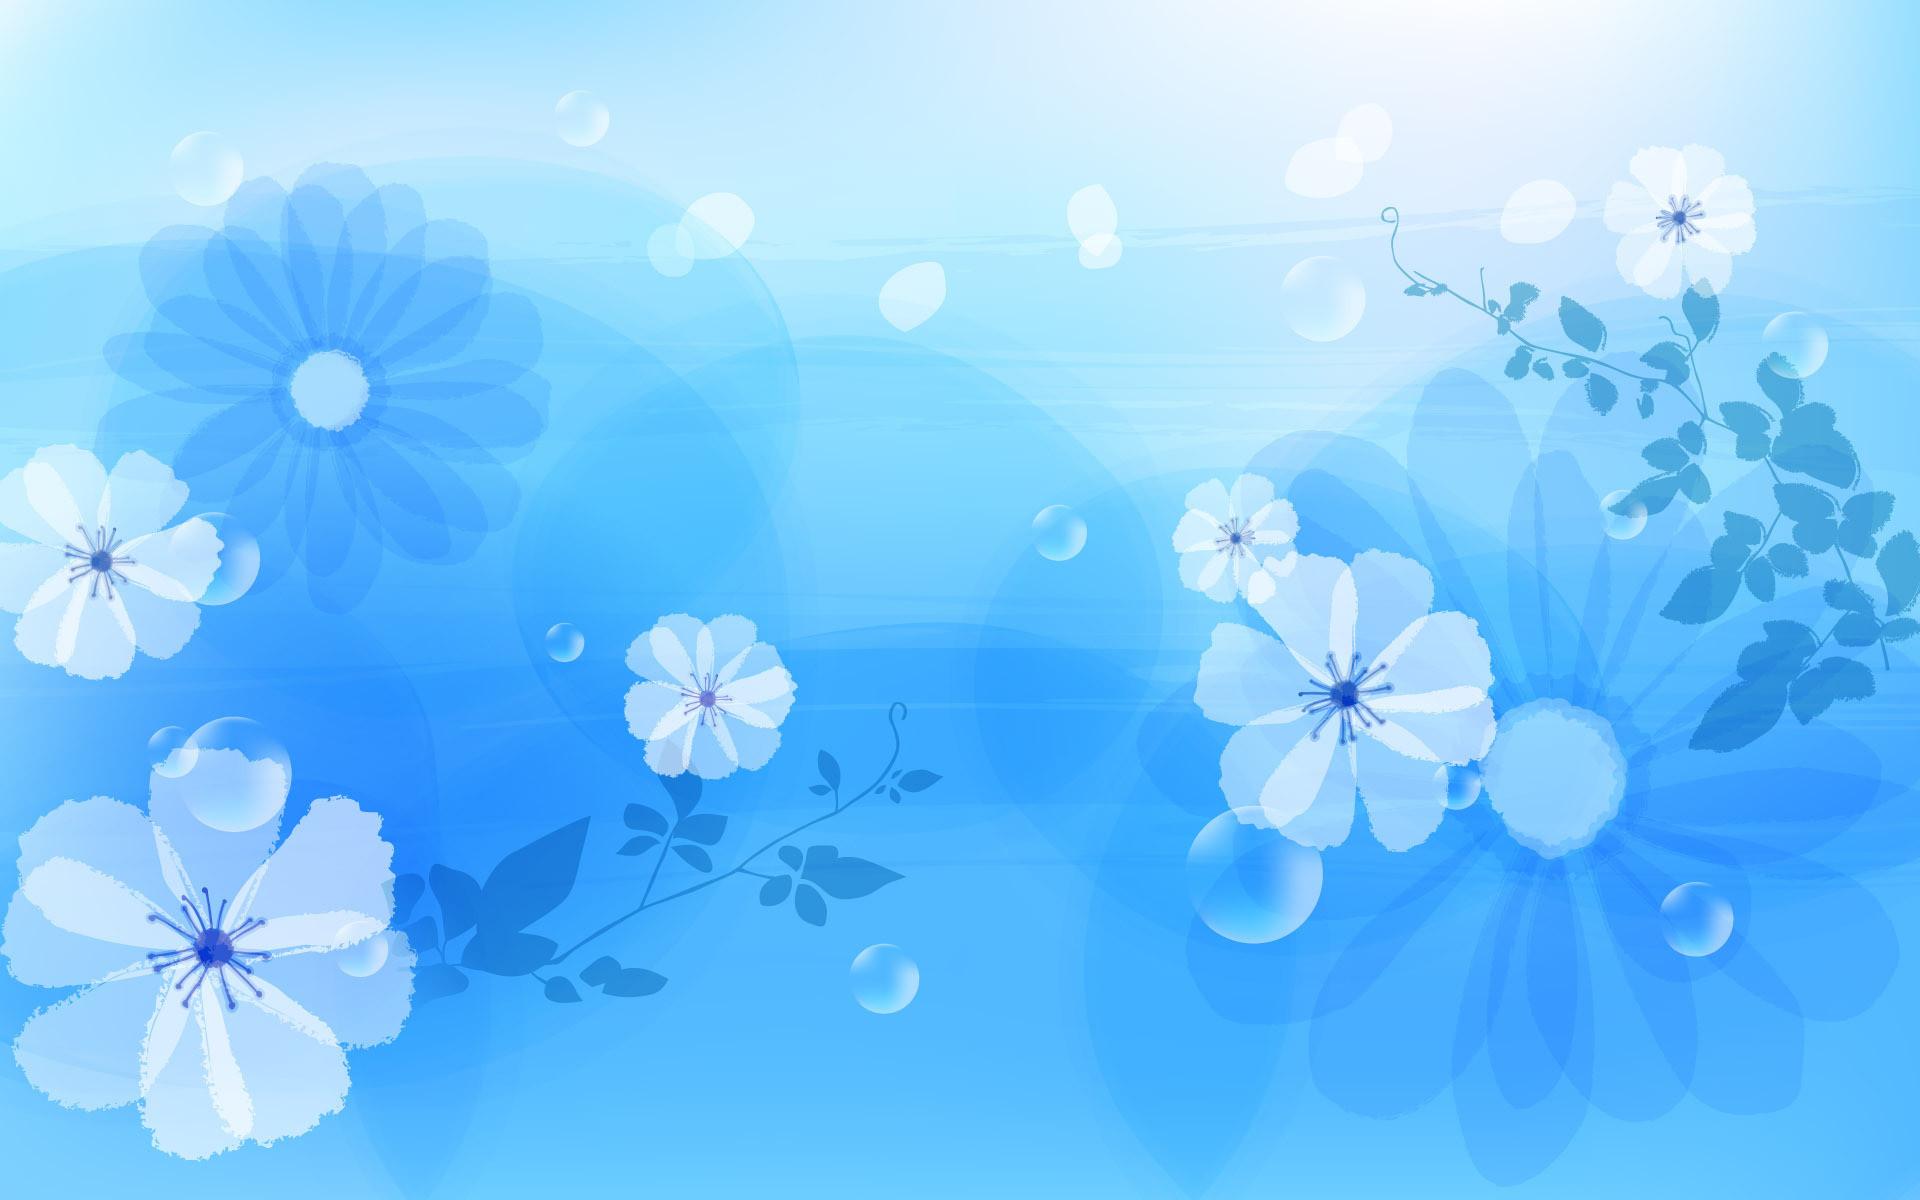 Light, Blue, Wallpaper, For, Desktop